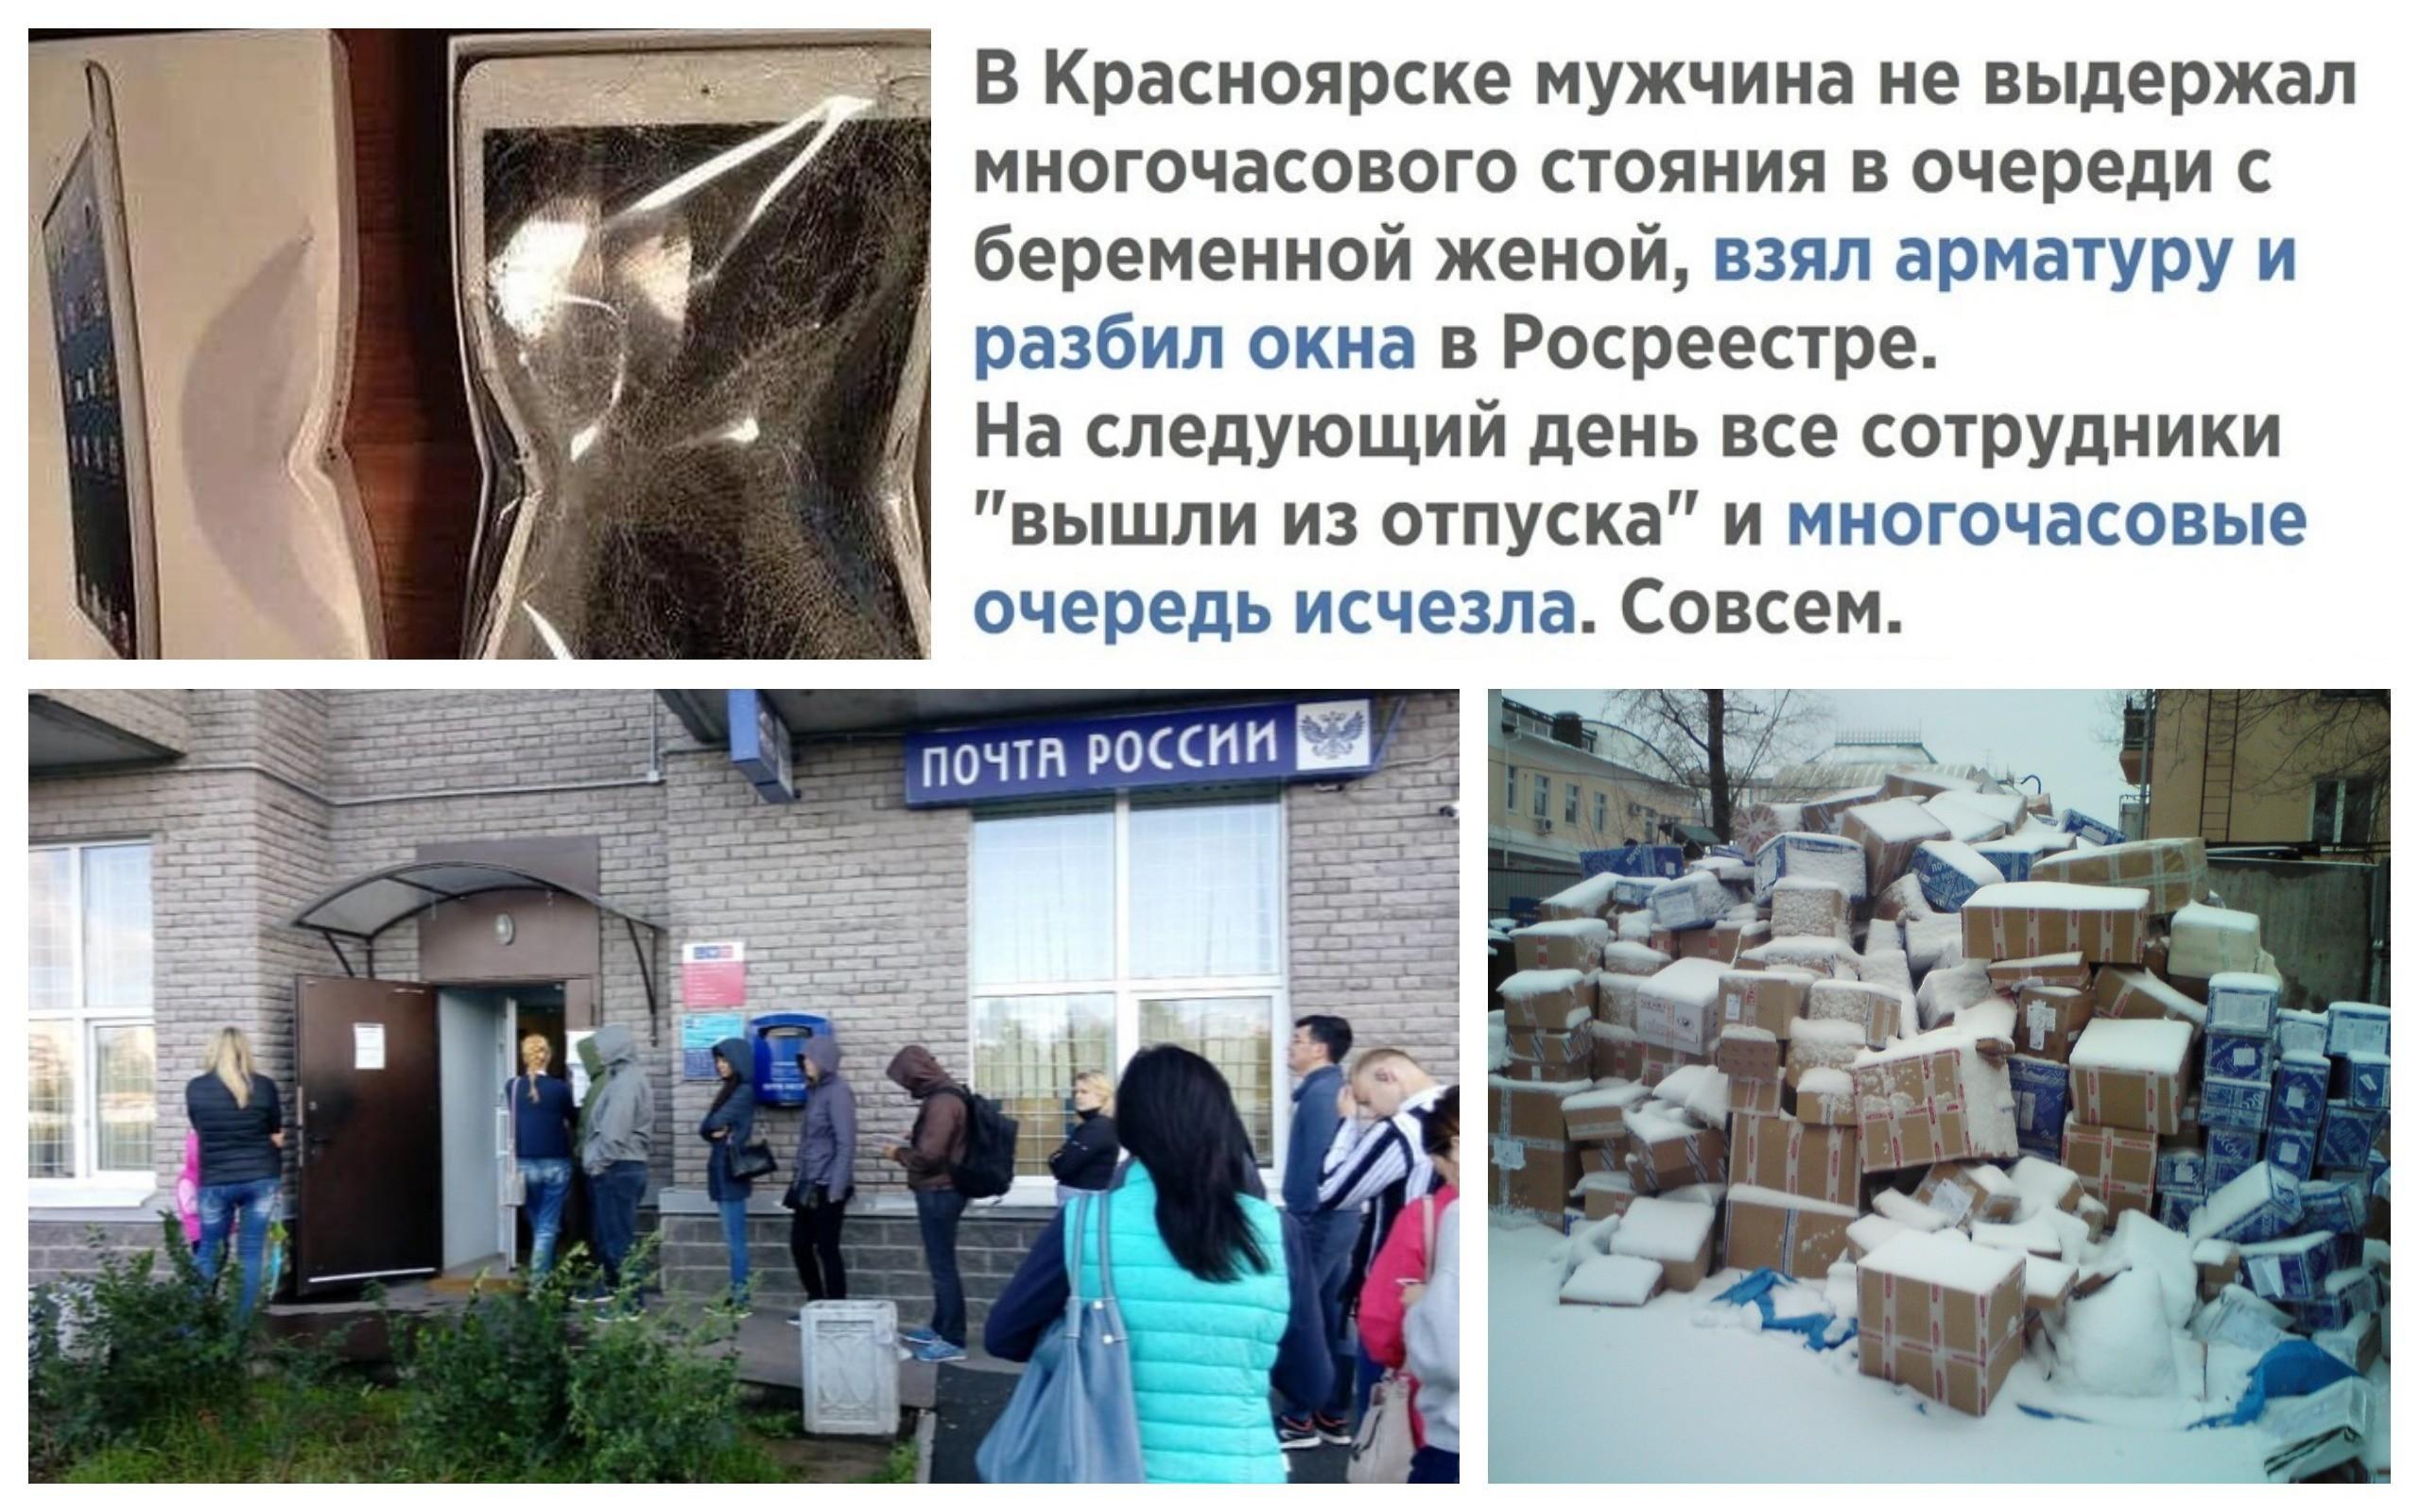 Филиал ада на земле: безнаказанные выходки Почты России кошмар, плохая доставка, почта россии, почта рф, филиал ада, фото